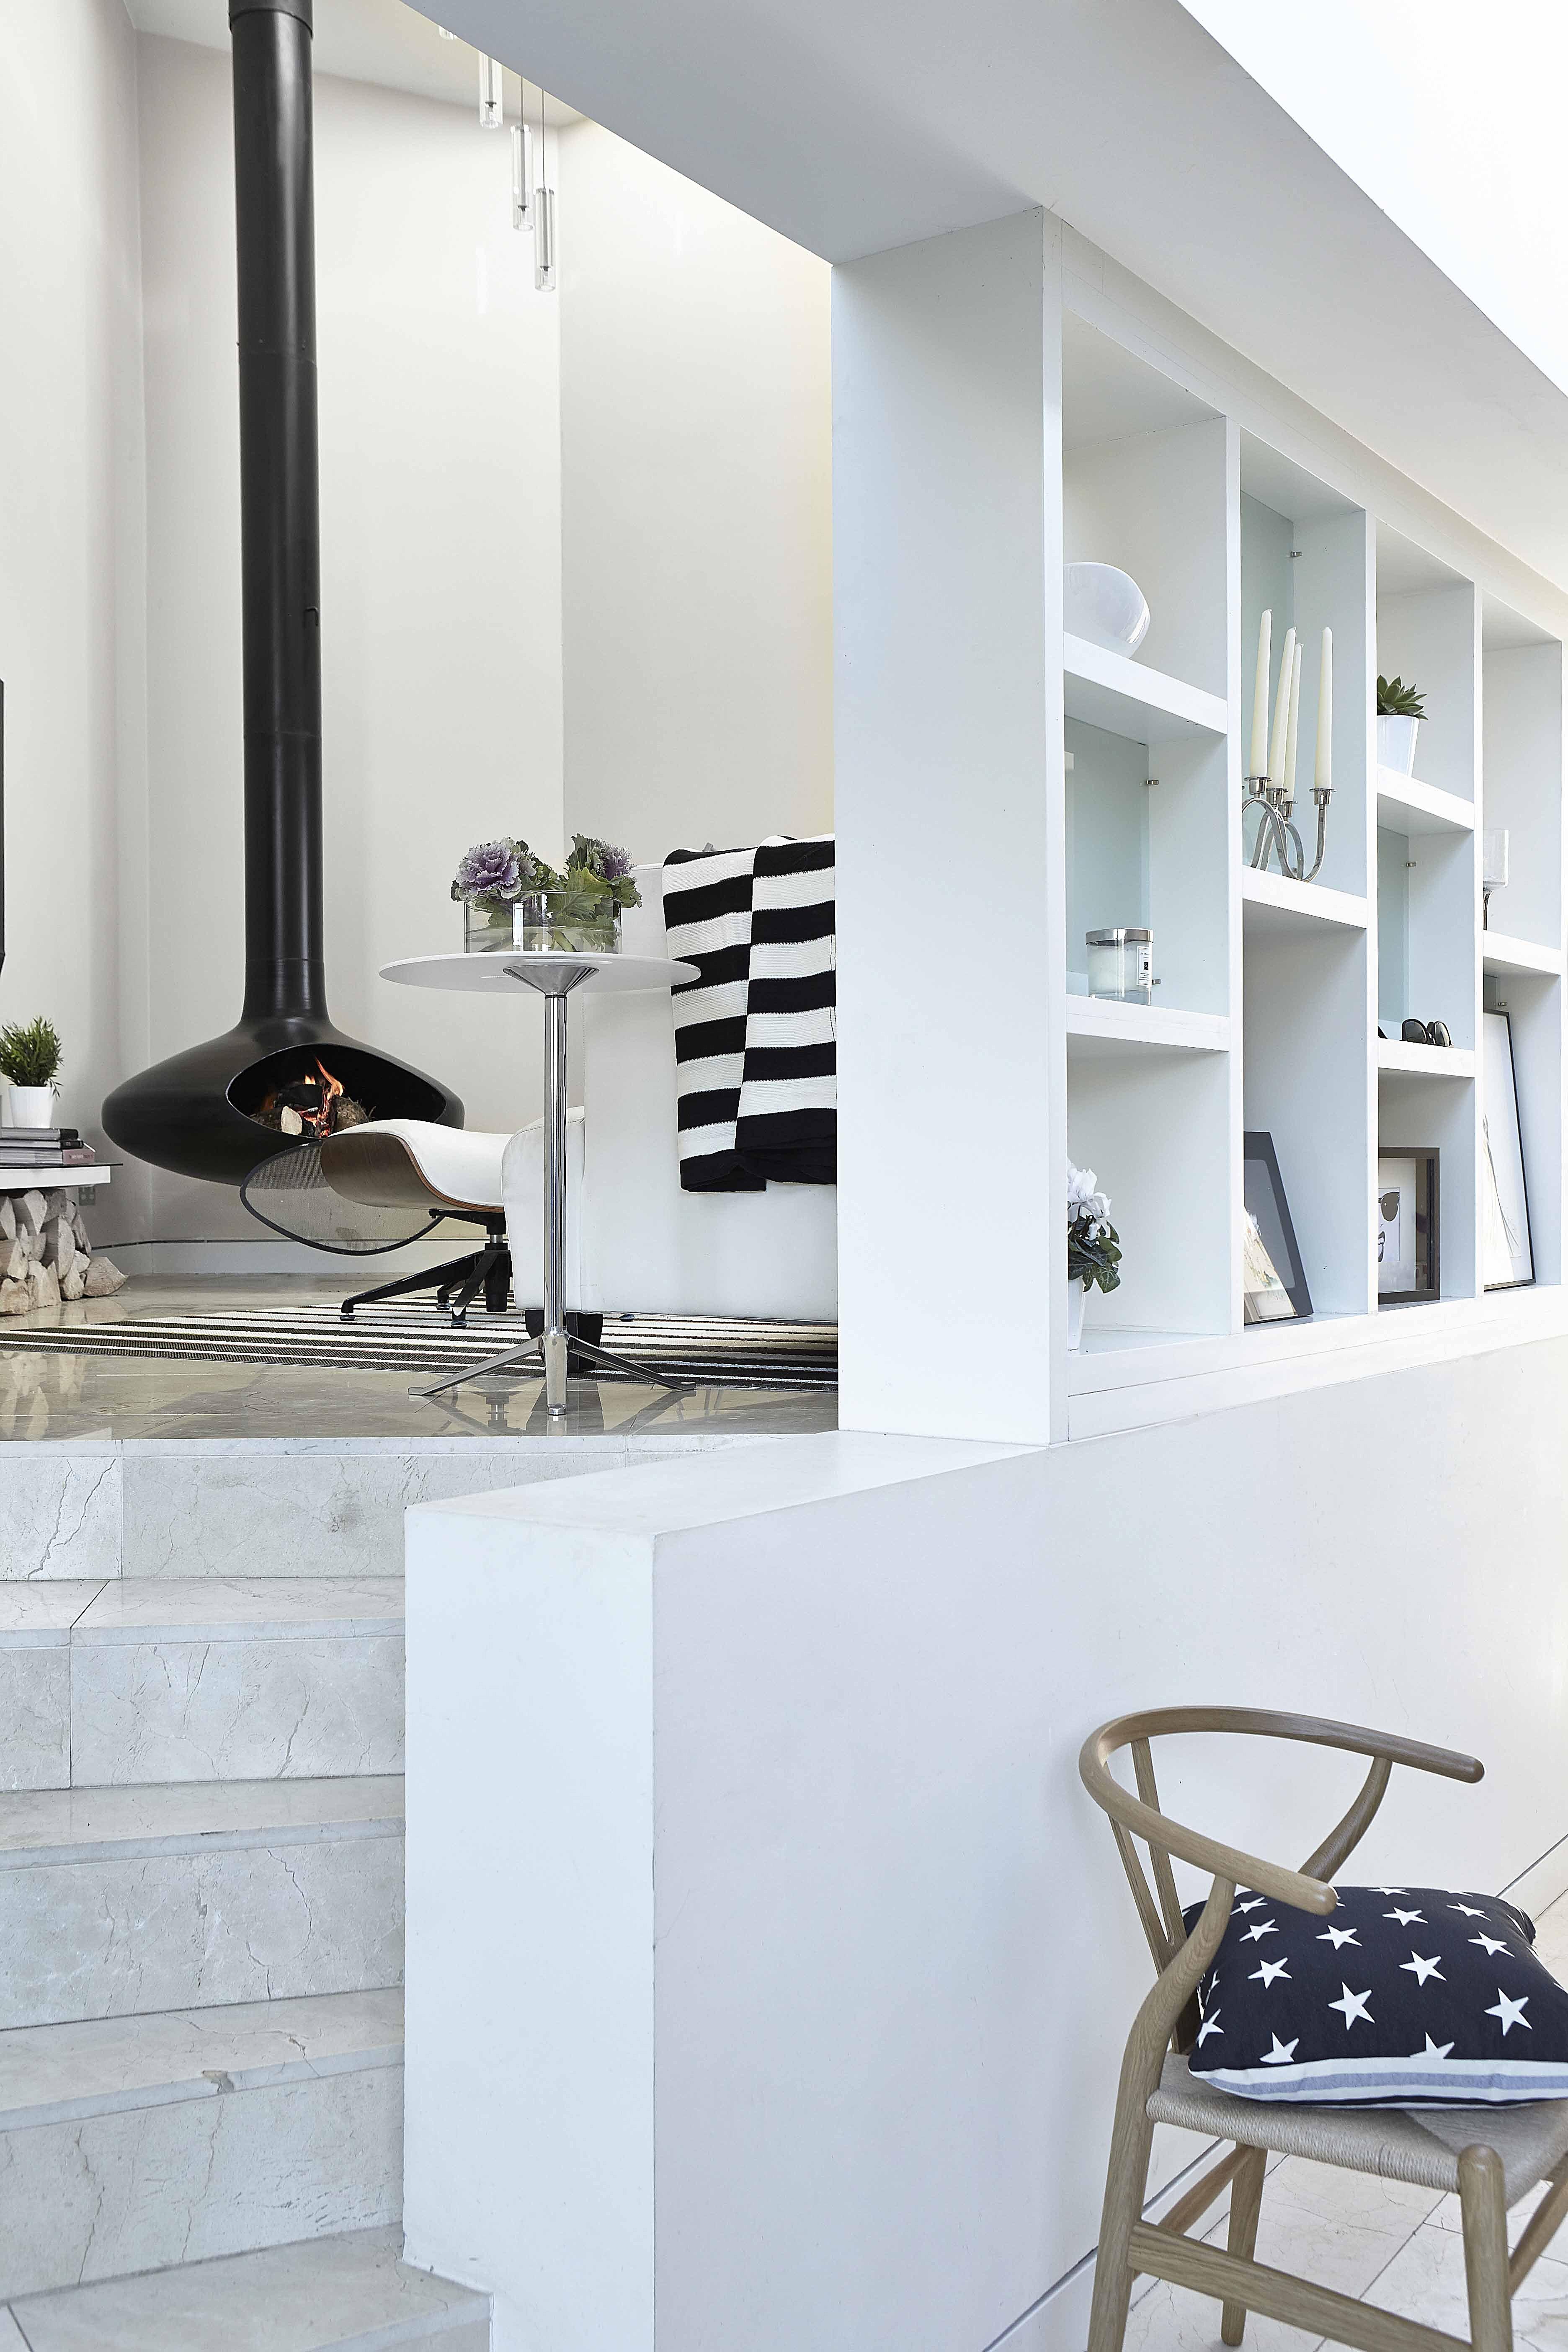 Suzie mc adam interior design dublin interior designer for Residential interior design photos